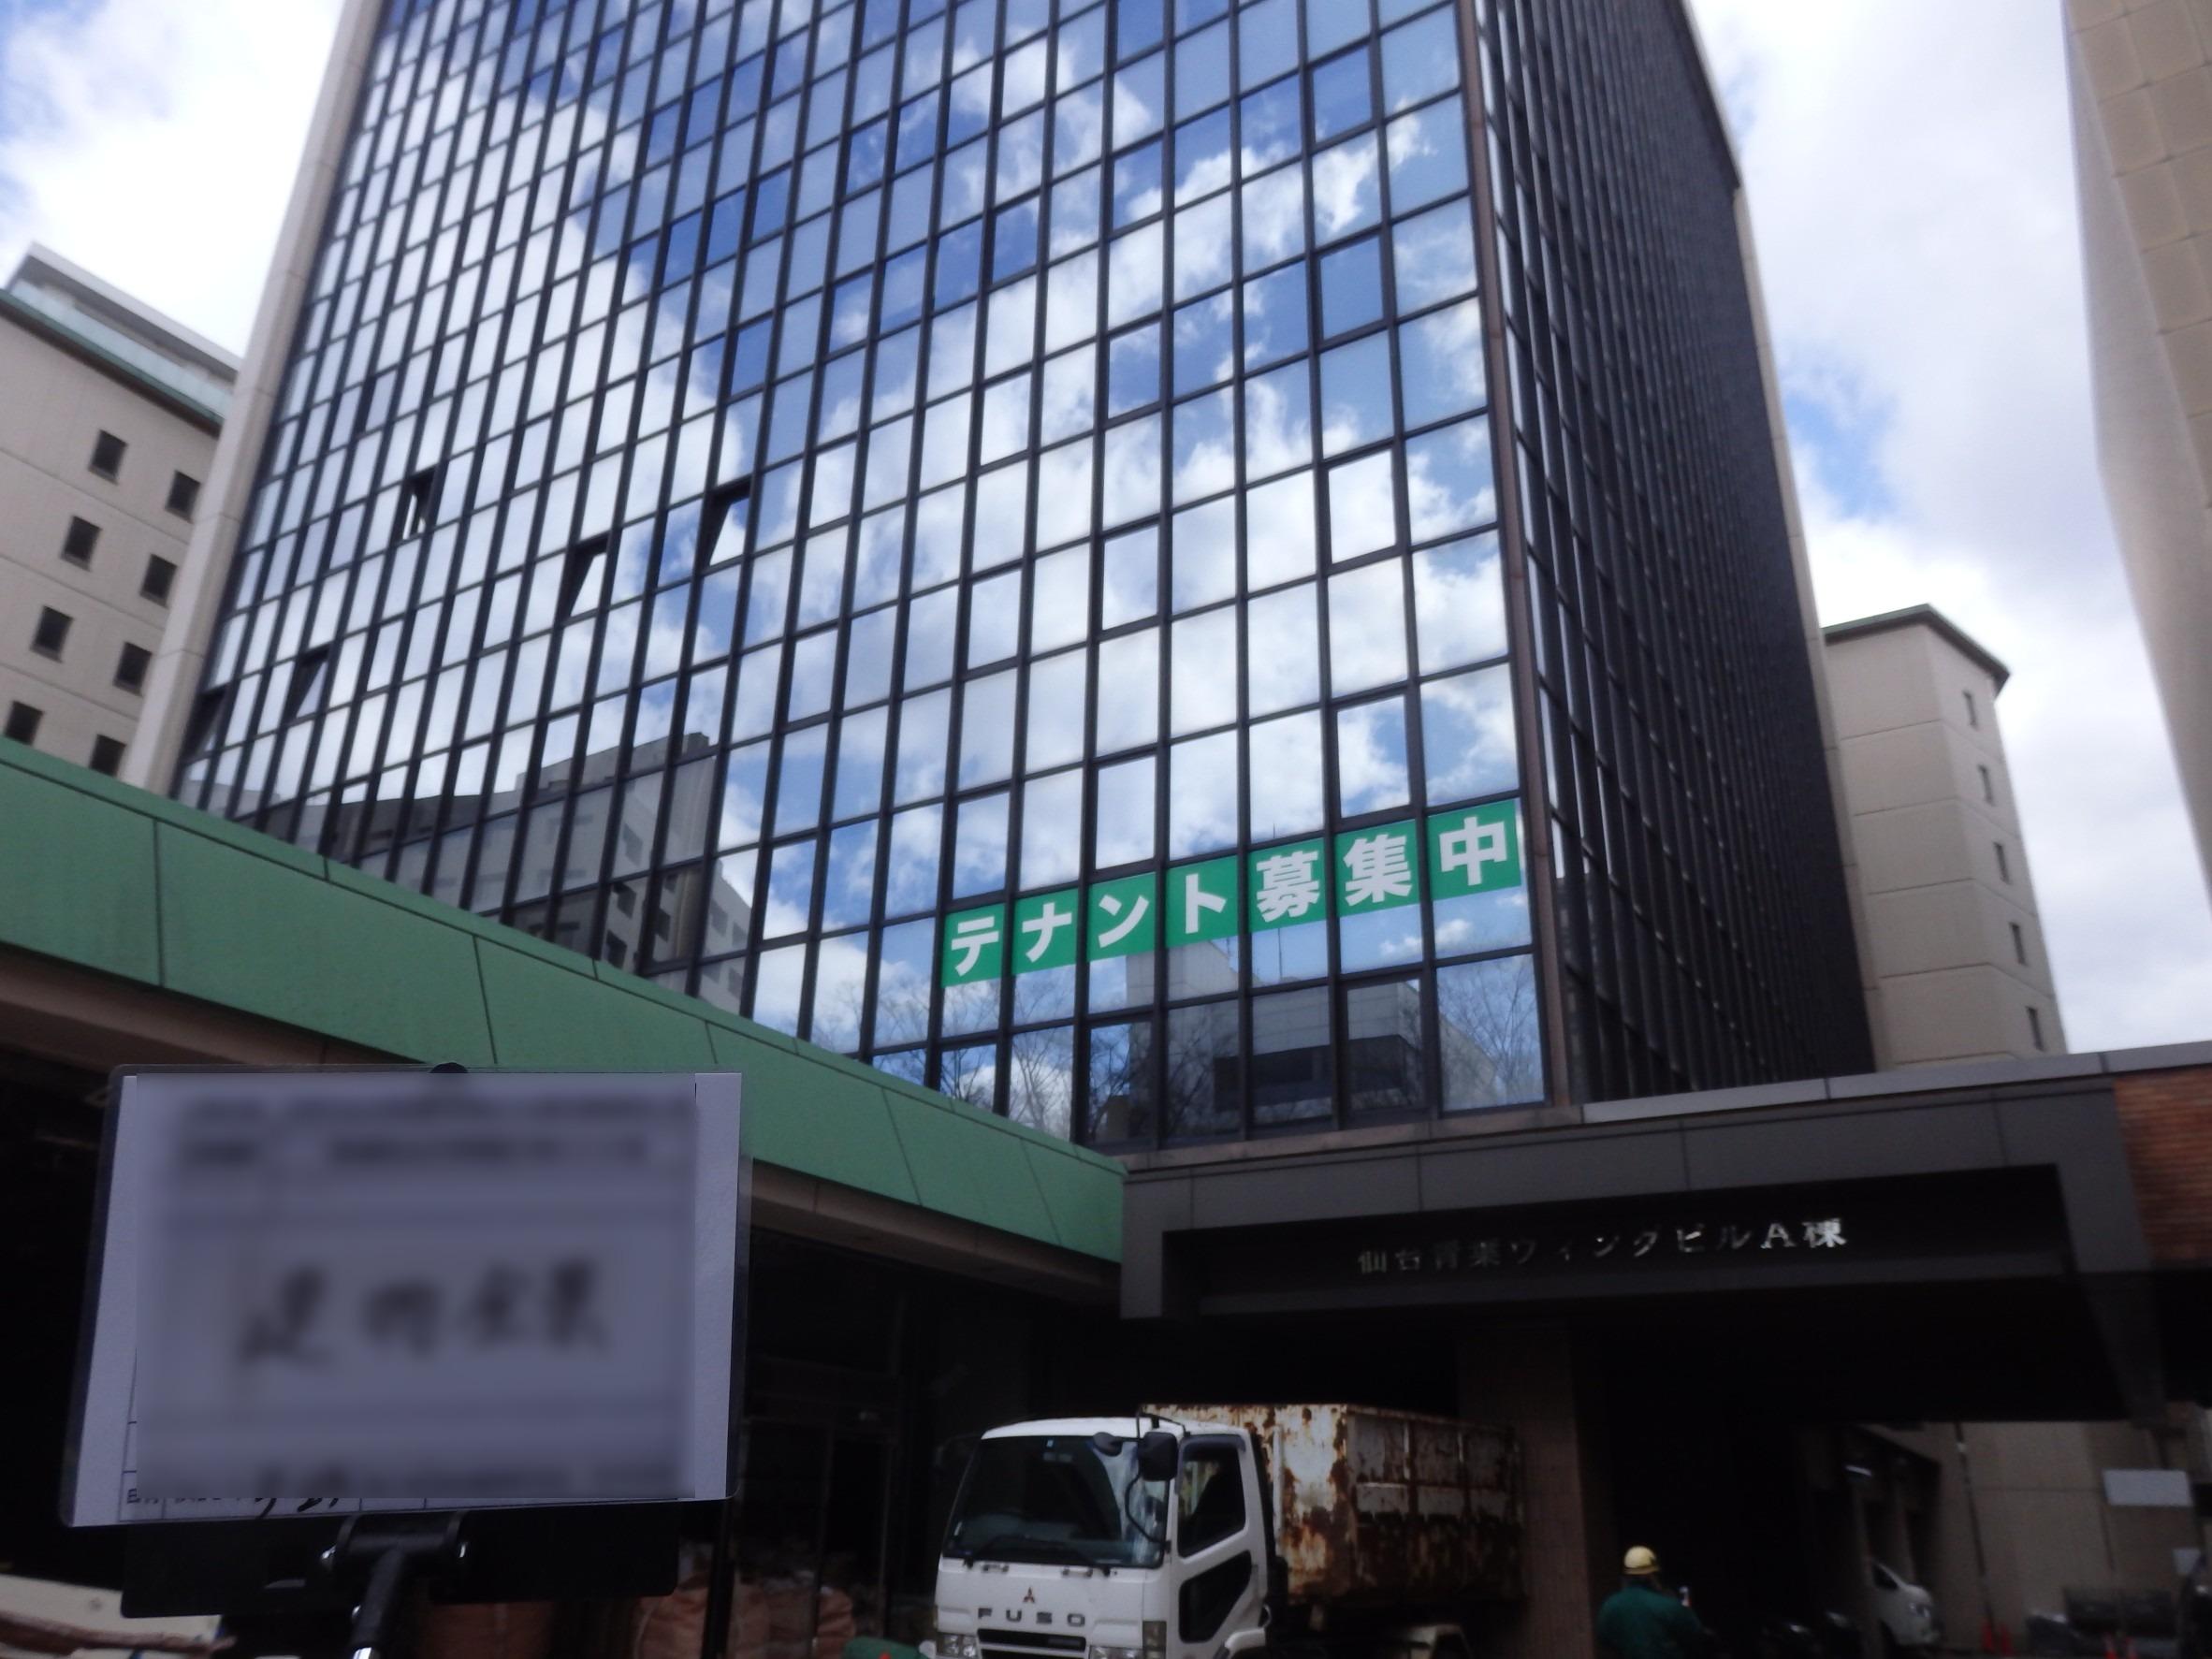 仙台市青葉区某ホテルのアスベスト除去工事